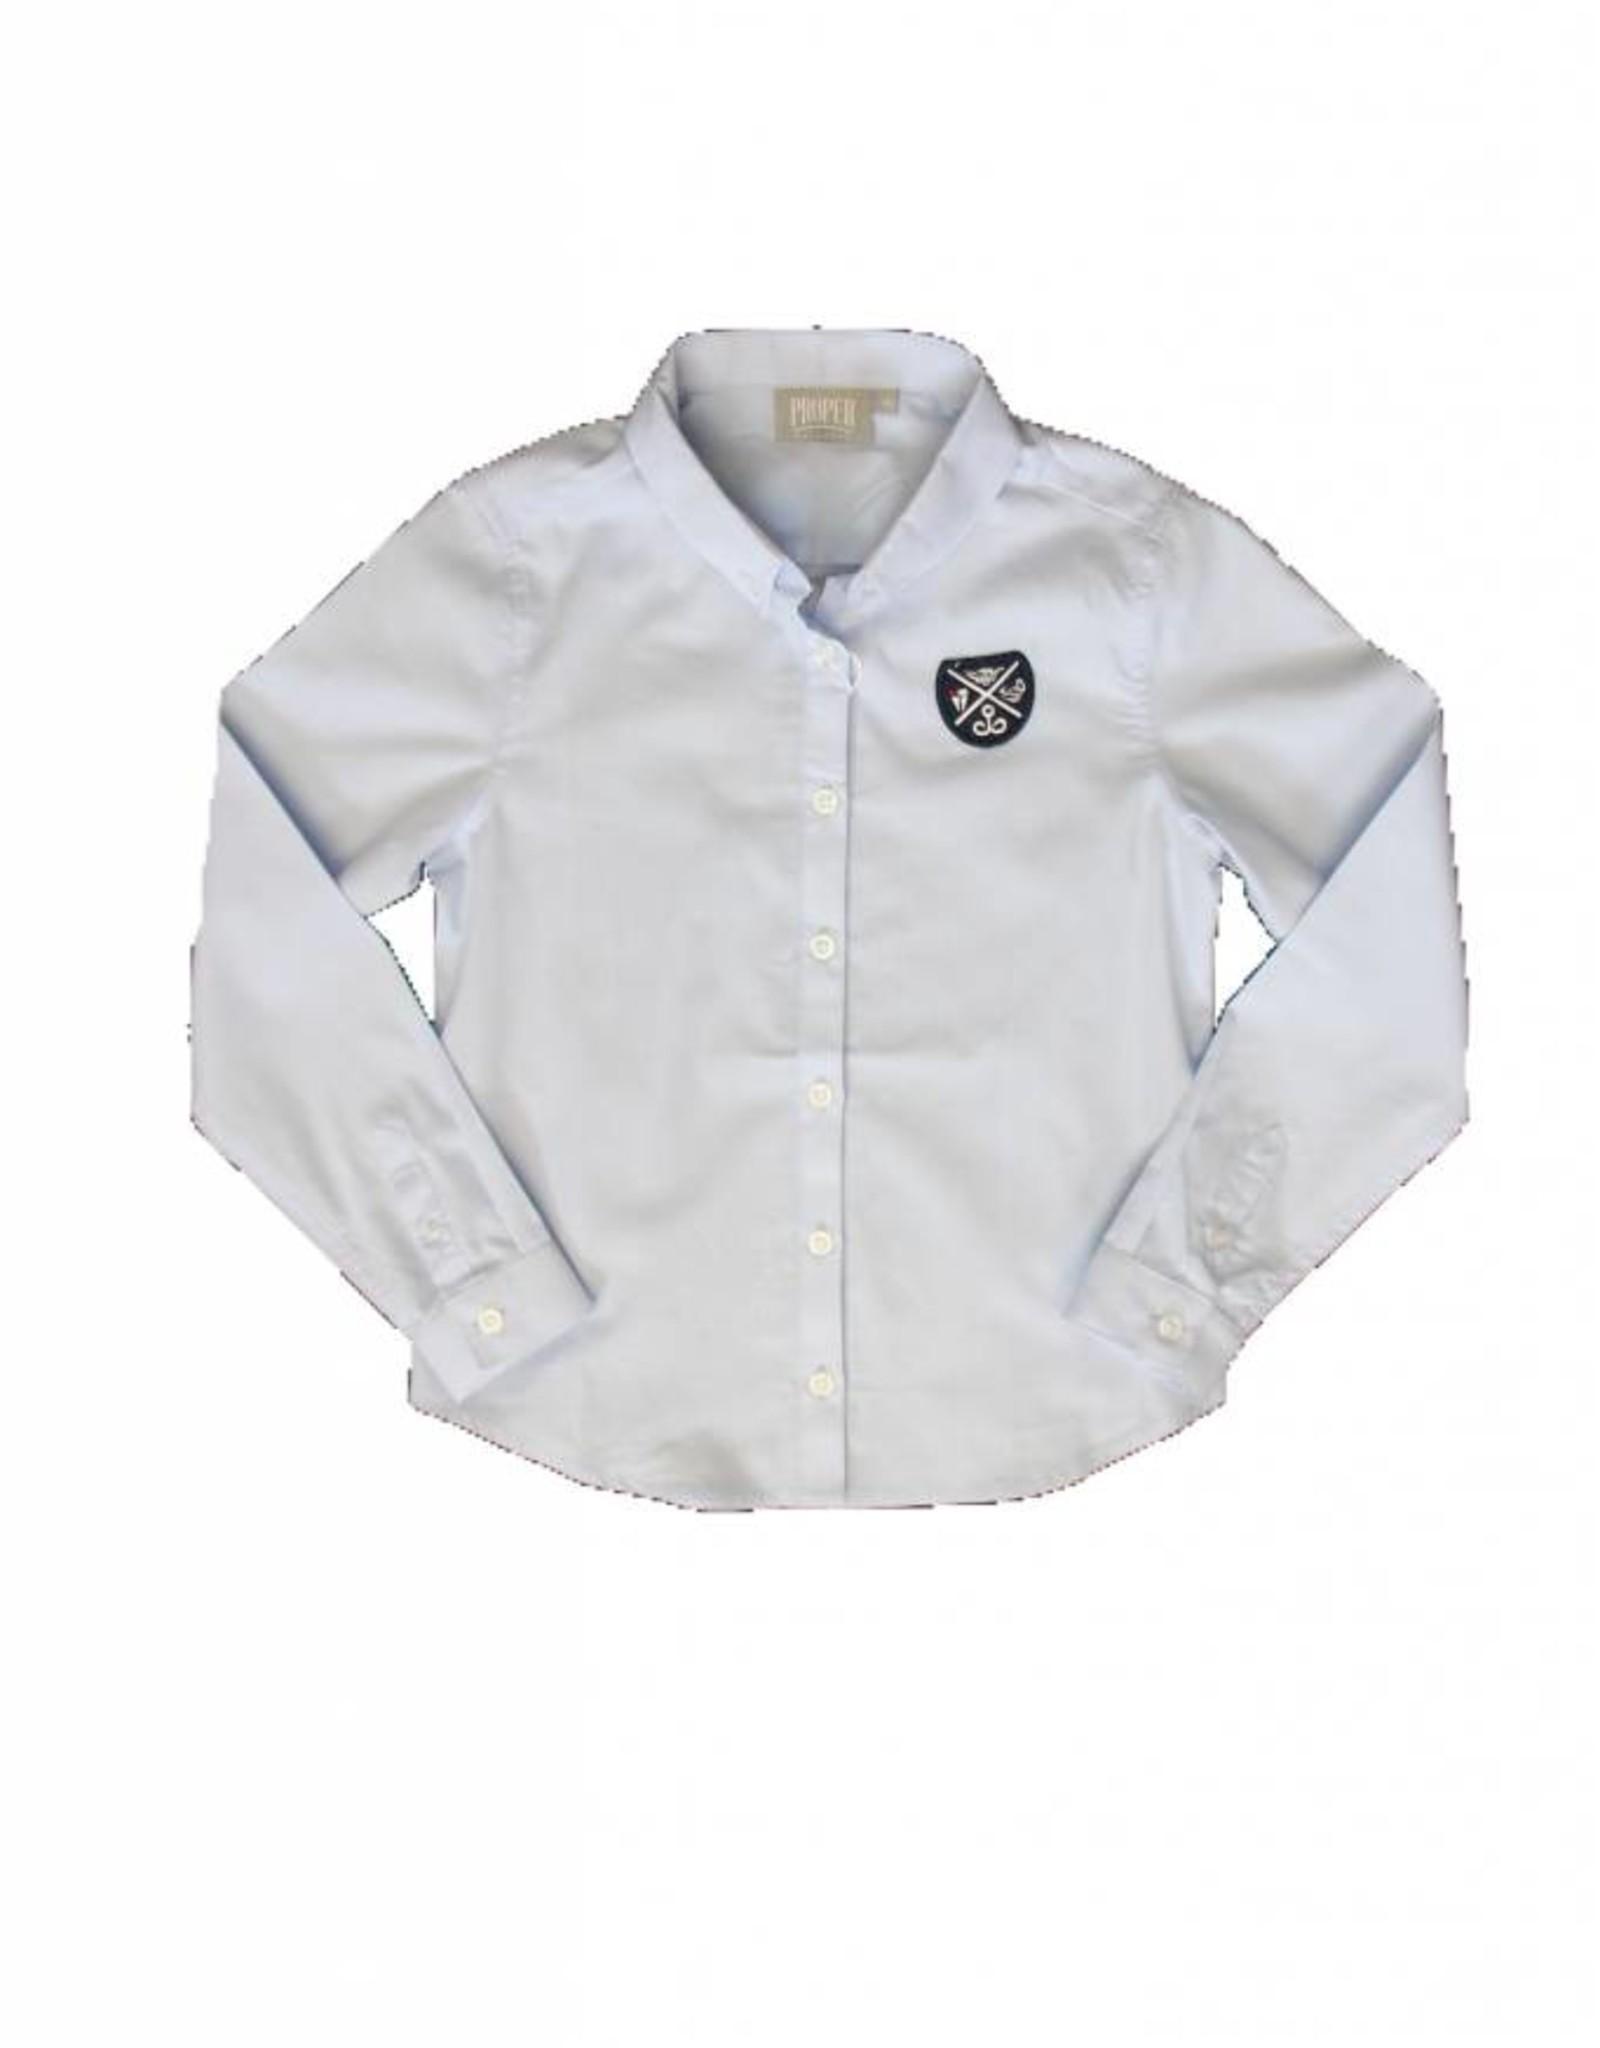 Proper Uniforms SHIRT-LS Button Down, Adult